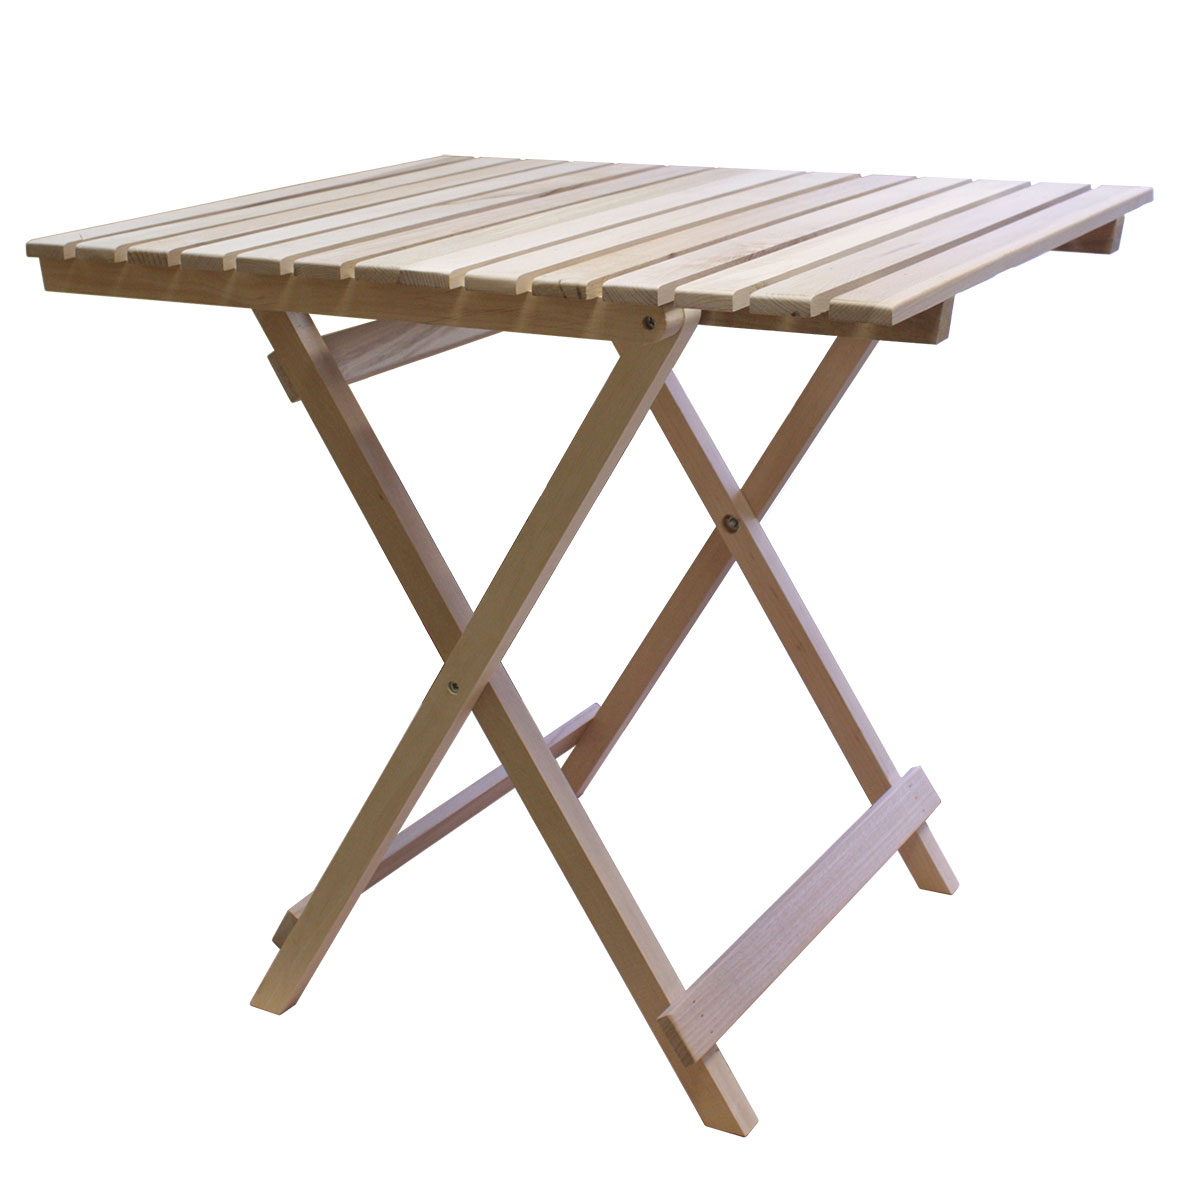 Стол складной Счастливый дачник71081Складной стол Счастливый дачник - это незаменимый предмет на даче для приятного времяпрепровождения. Стол выполнен из дерева (ольха), легко складывается и компактен при хранении.Такой стол прекрасно подойдет для комфортного отдыха на даче.В разобранном виде: 75 х 60,5 х 65,5 см.В собранном виде: 80 х 60,5 х 5,5 см.